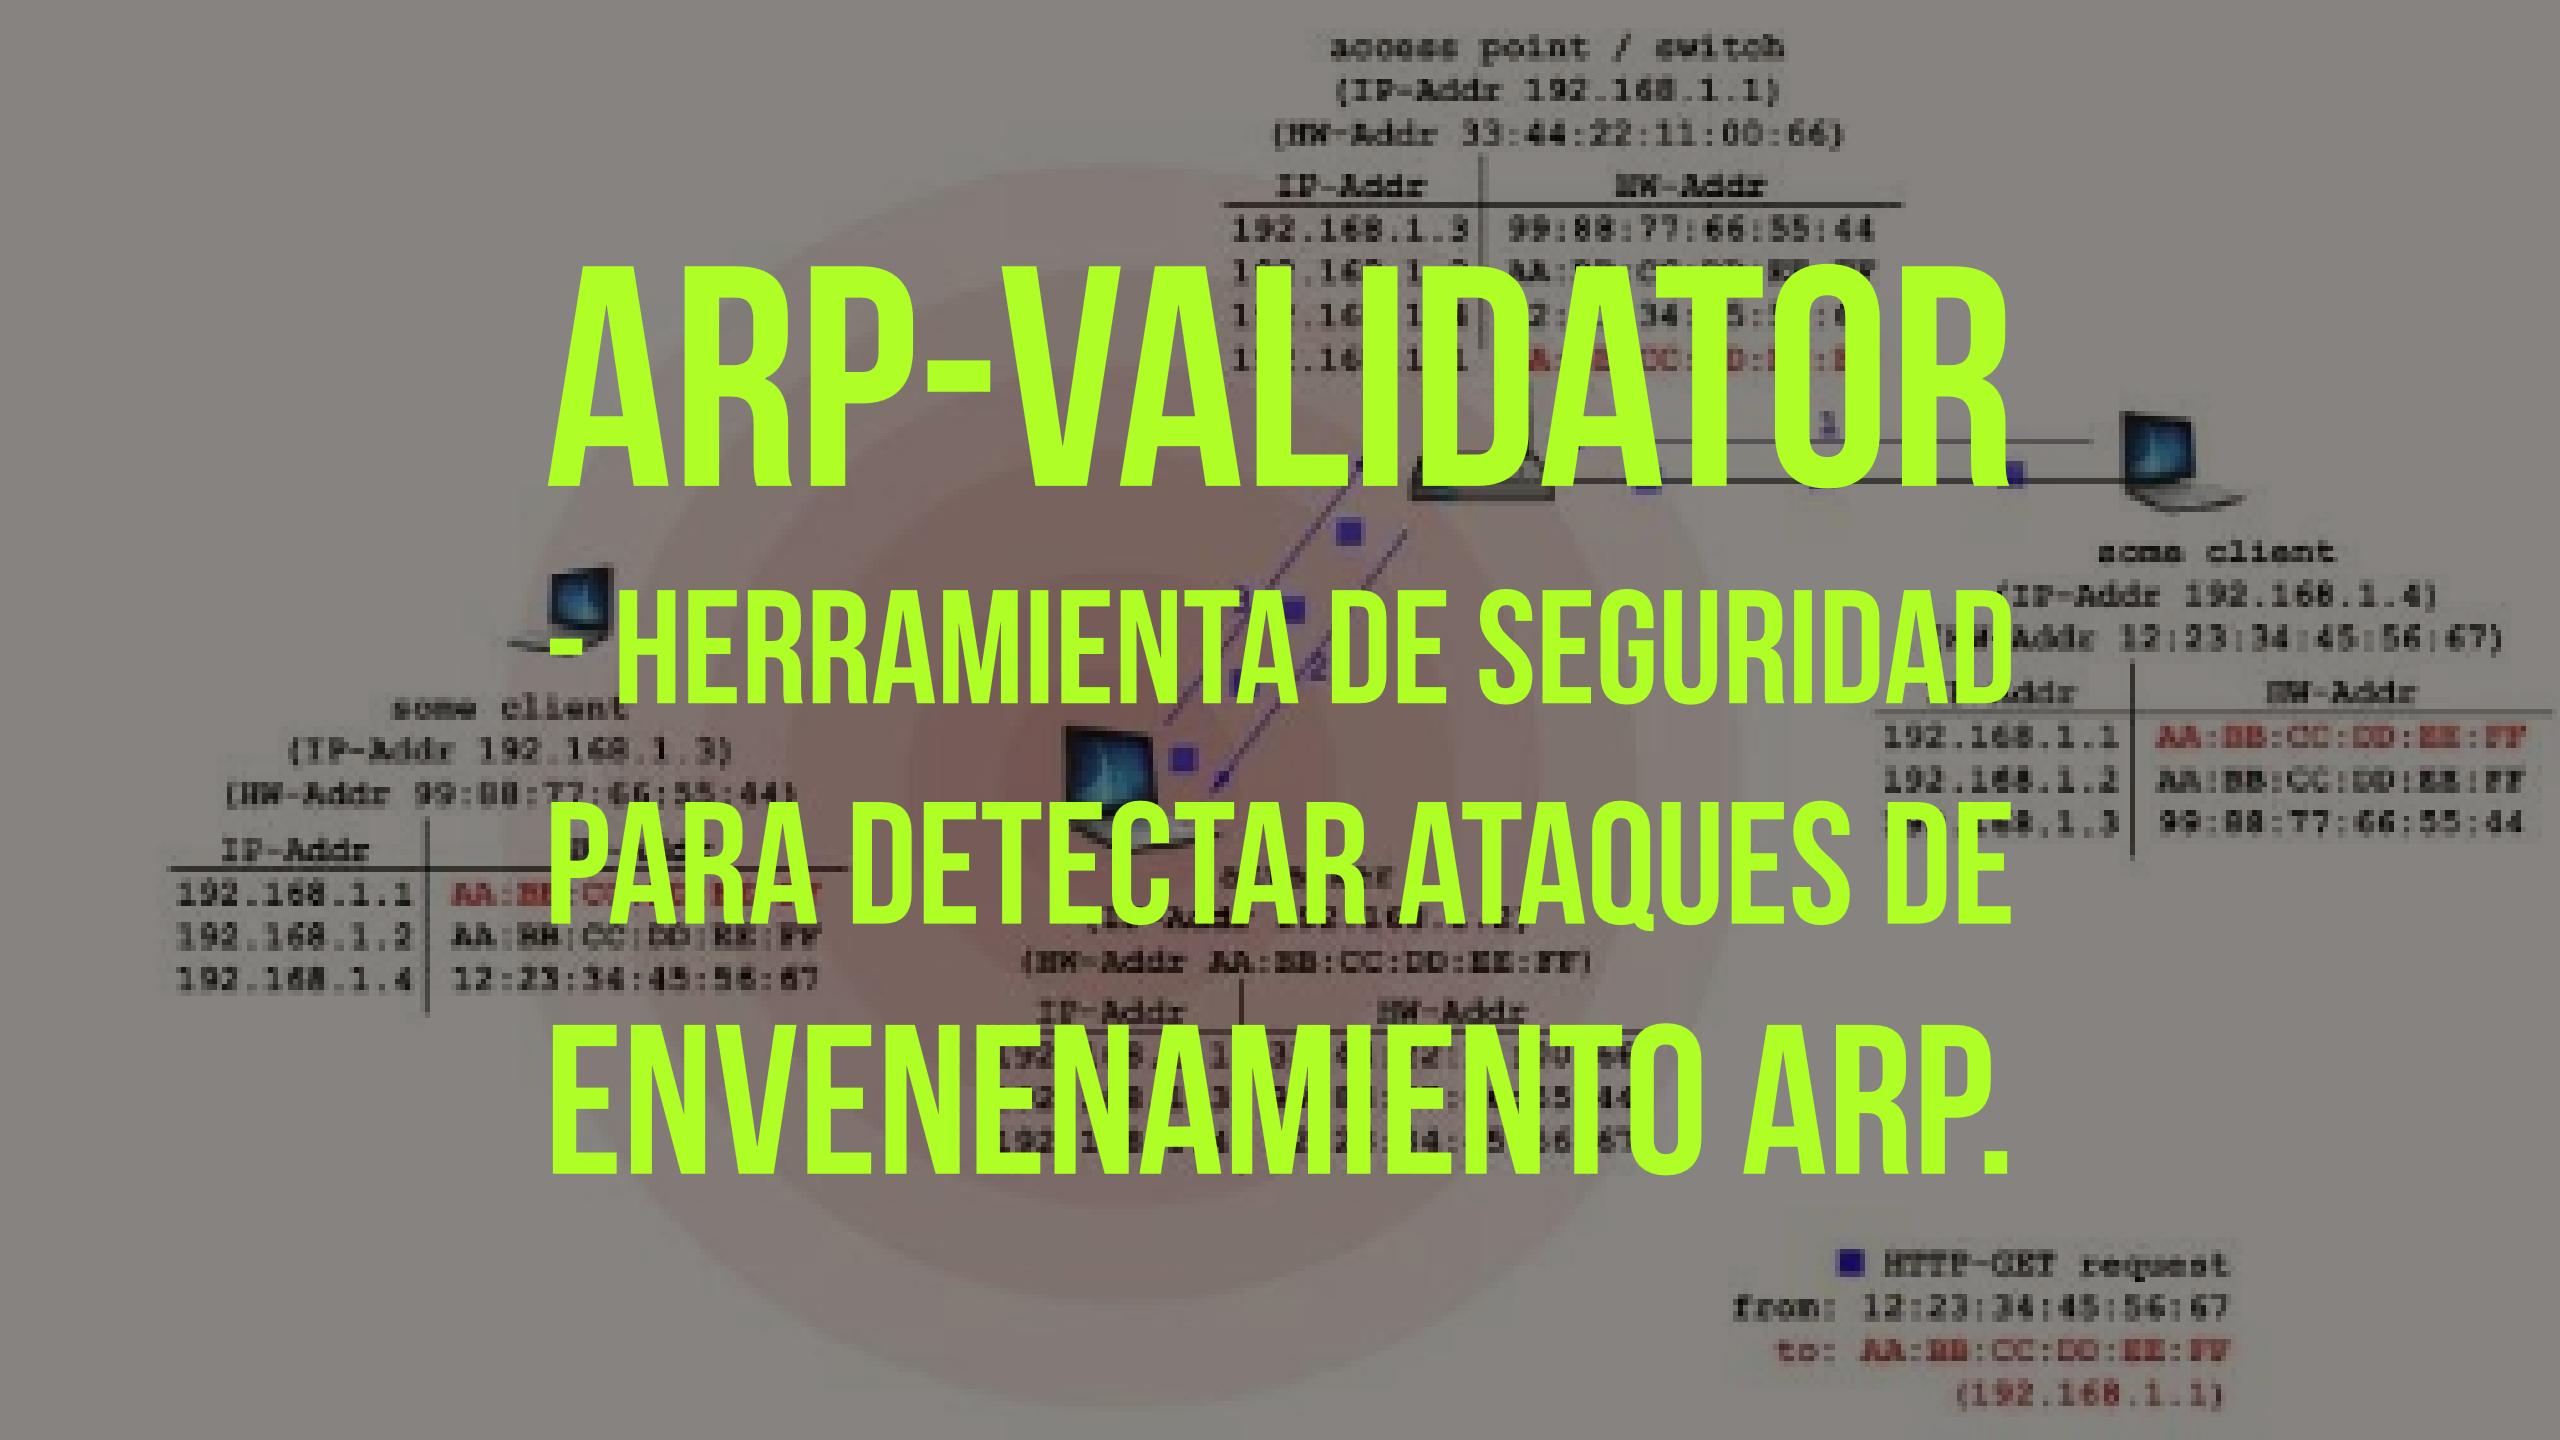 arp-validator – Herramienta de seguridad para detectar ataques de envenenamiento arp.